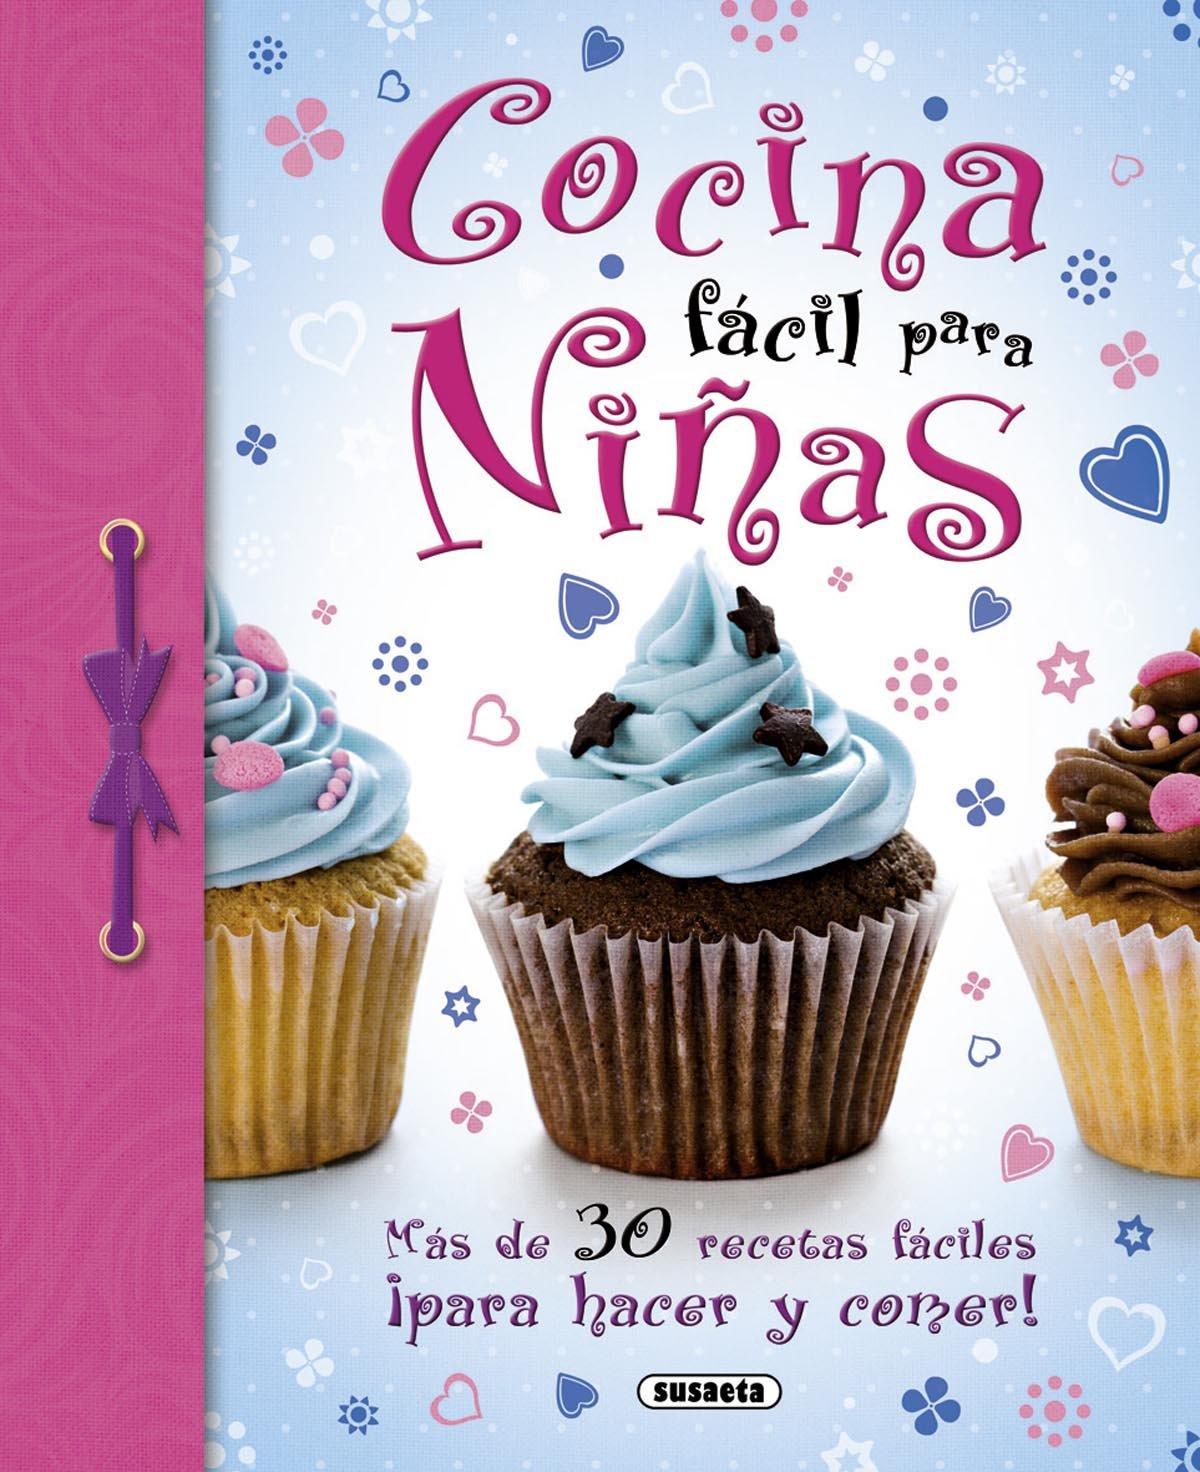 Cocina facil para ninas / Easy cooking for girls (Spanish Edition) by Susaeta Ediciones (Image #2)